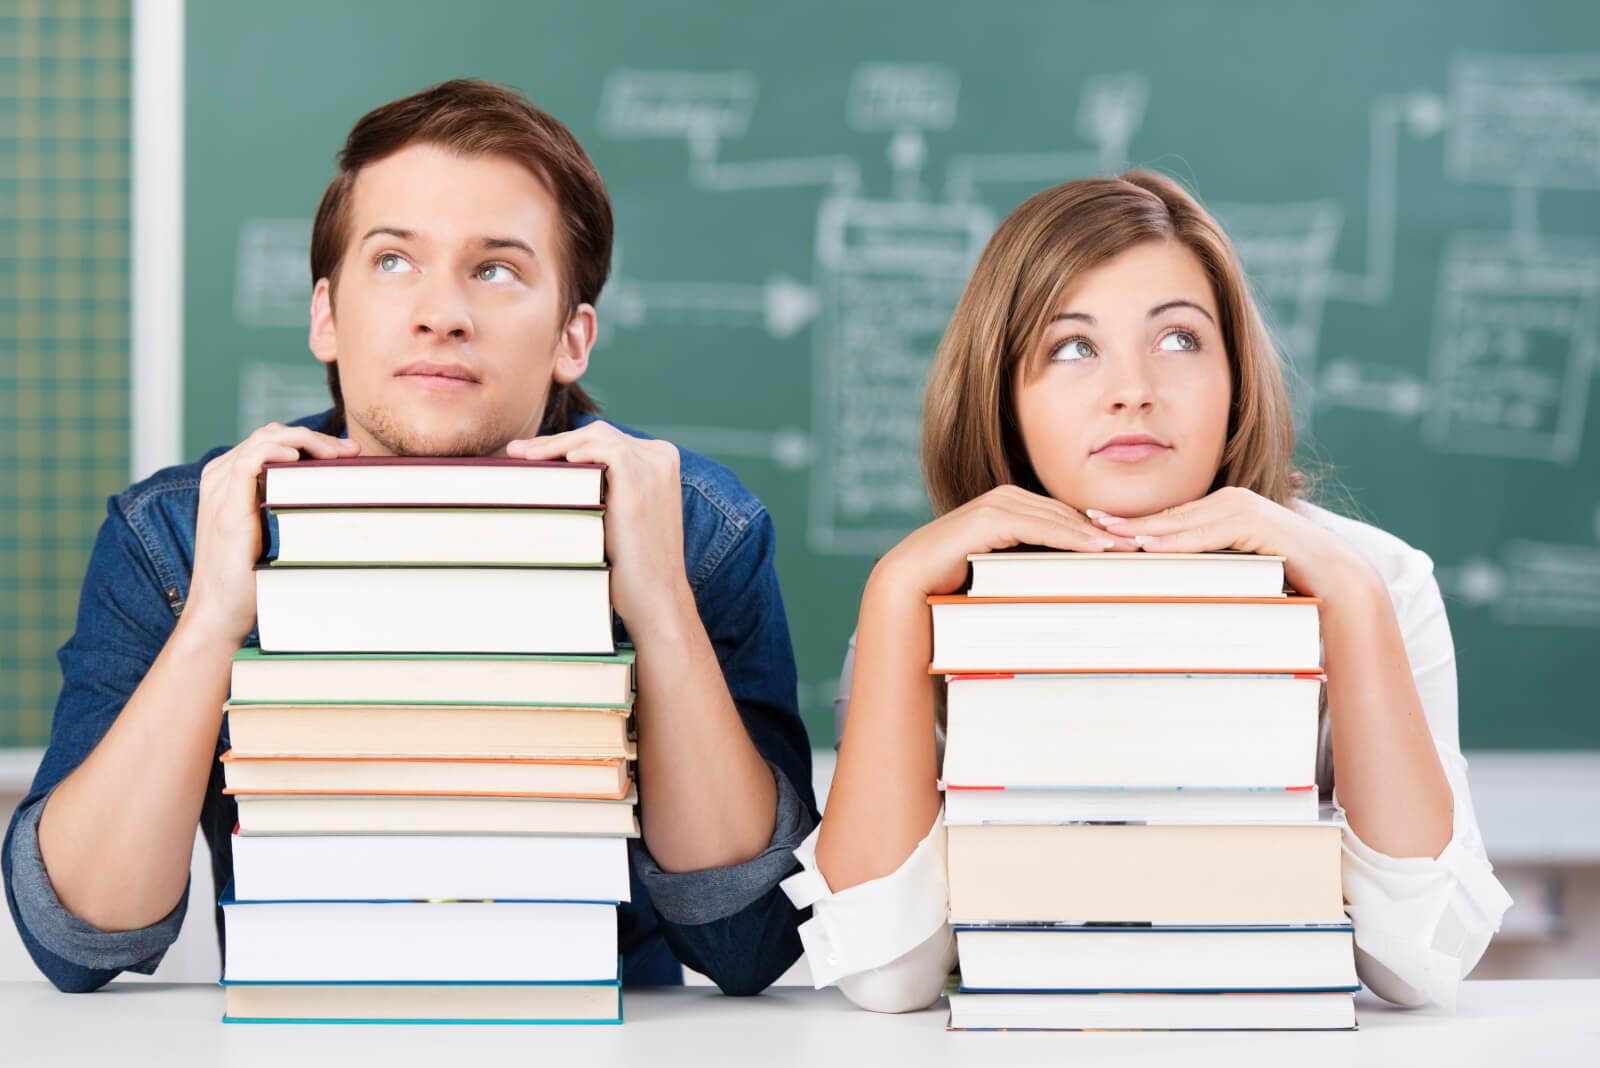 Оформление магистерской диссертации: технический аспект